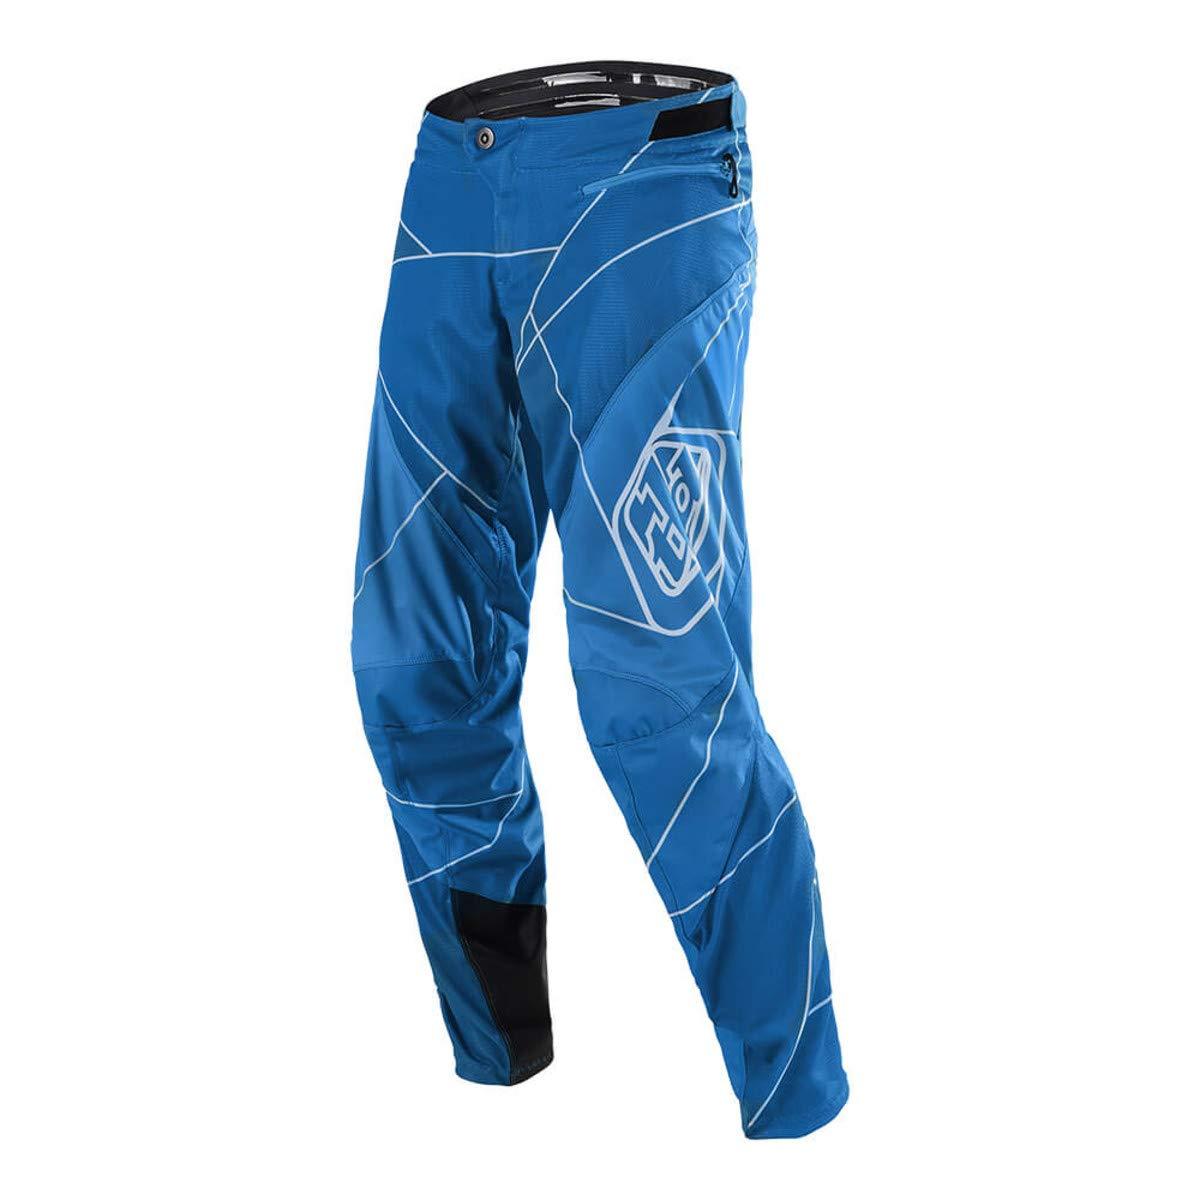 Troy Lee Designs Boys Sprint Metric 2018 Pants